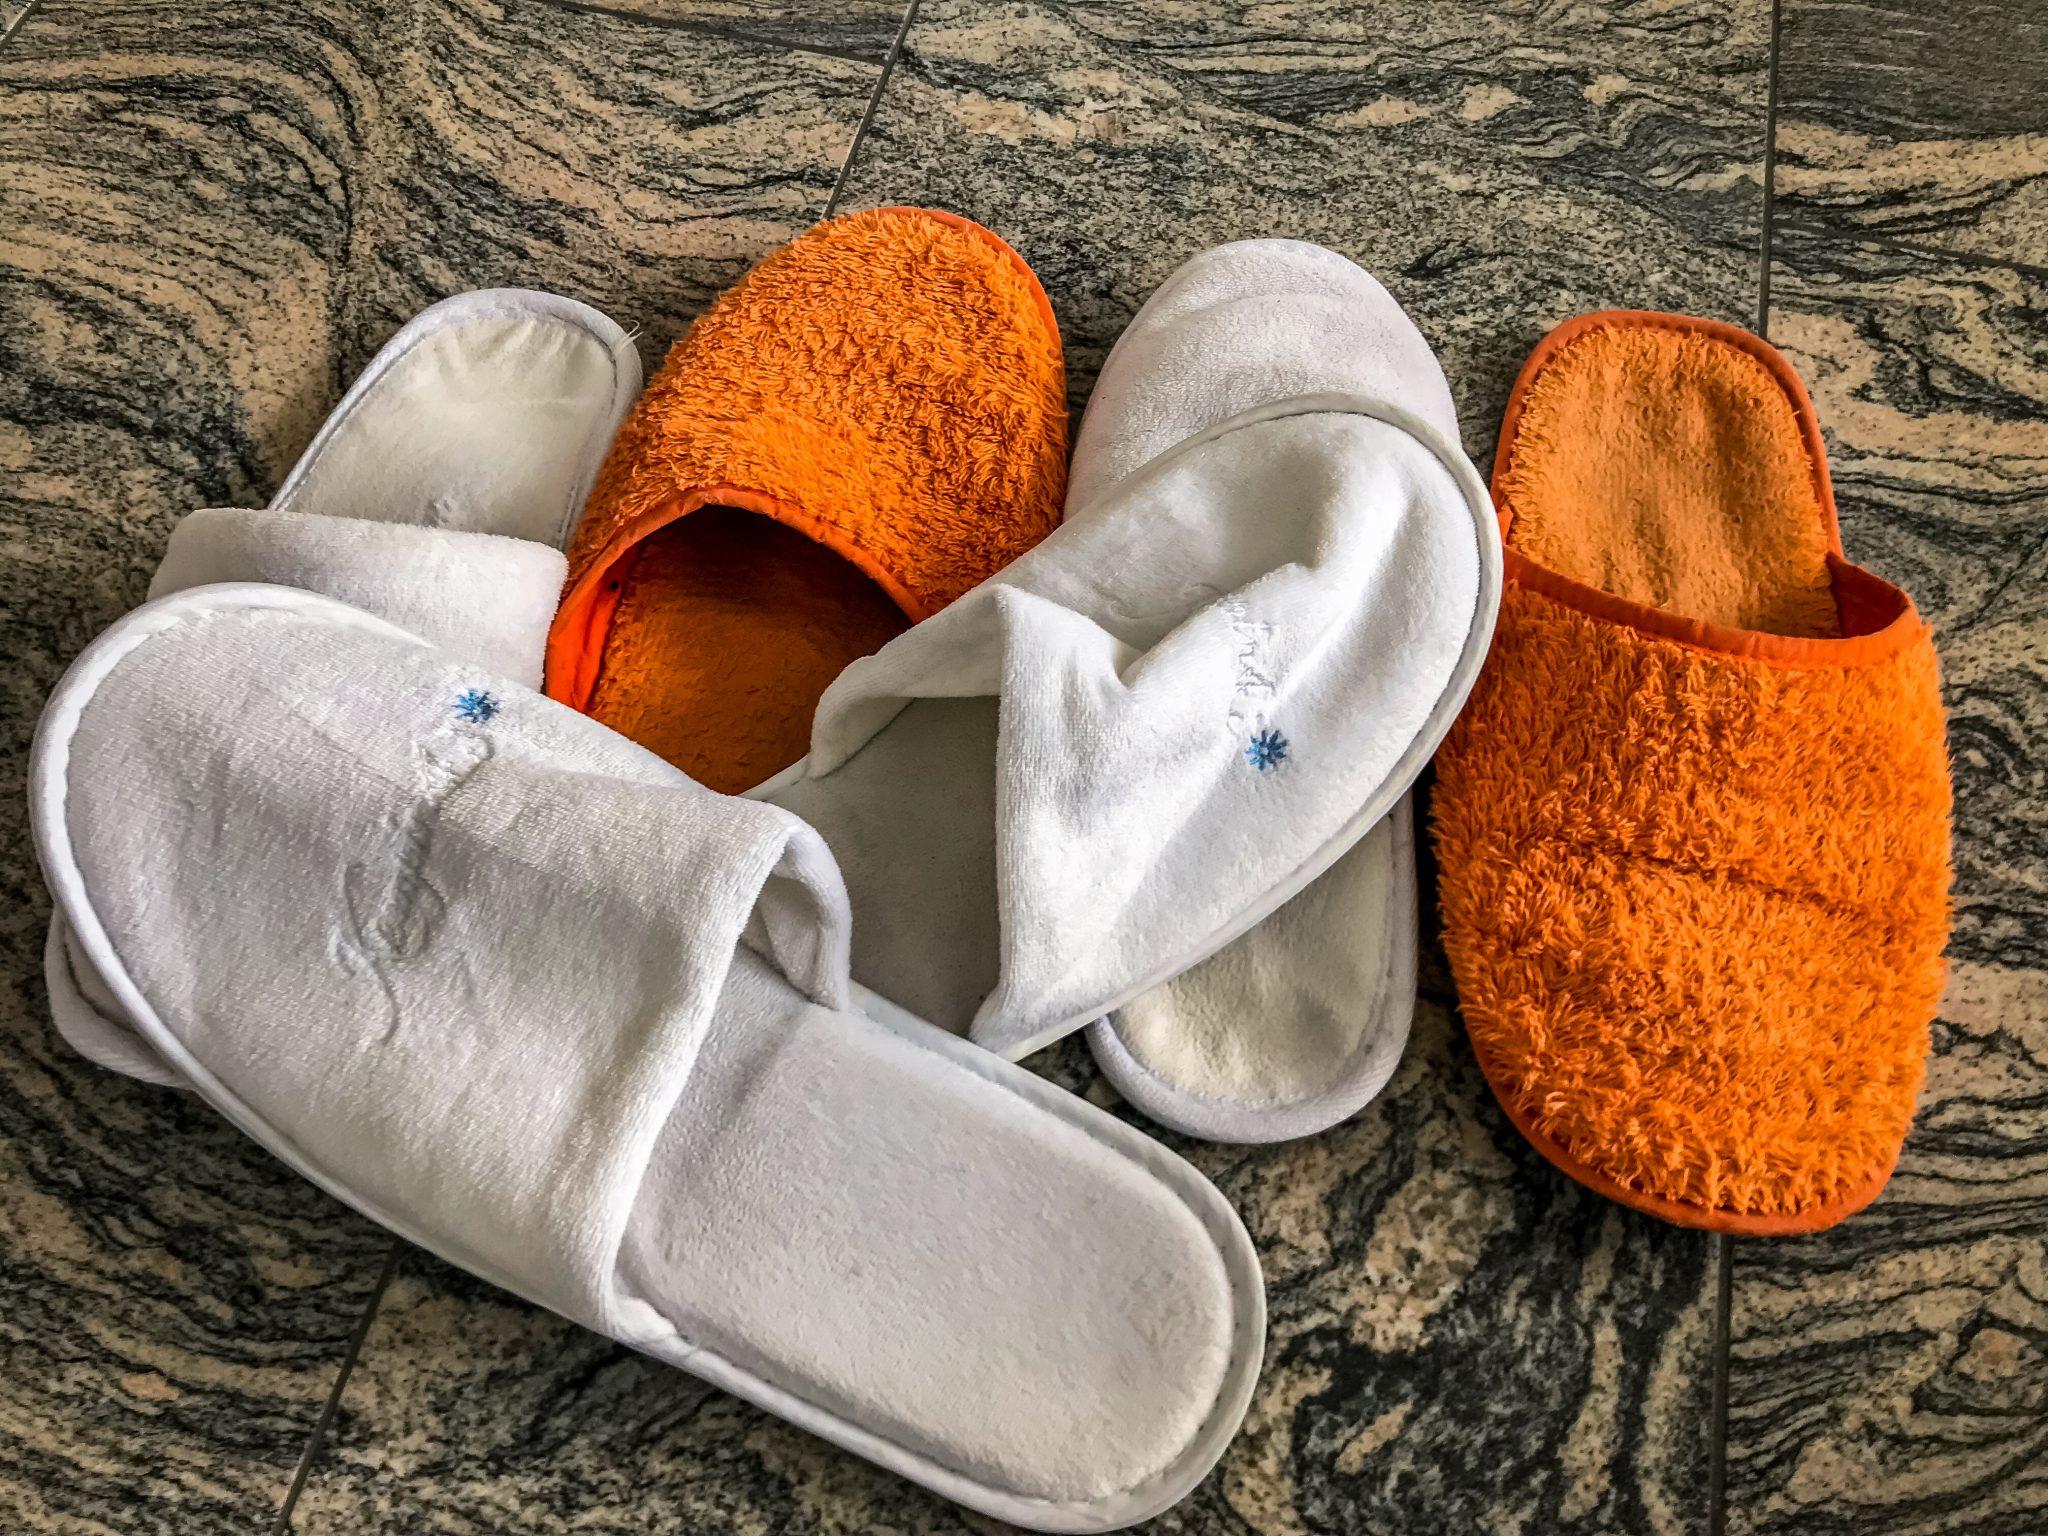 Damit nicht Tausende von Haaren und Anderes an den Füßen klebt, ist es sehr ratsam Badeschlappen im Gepäck zu haben.